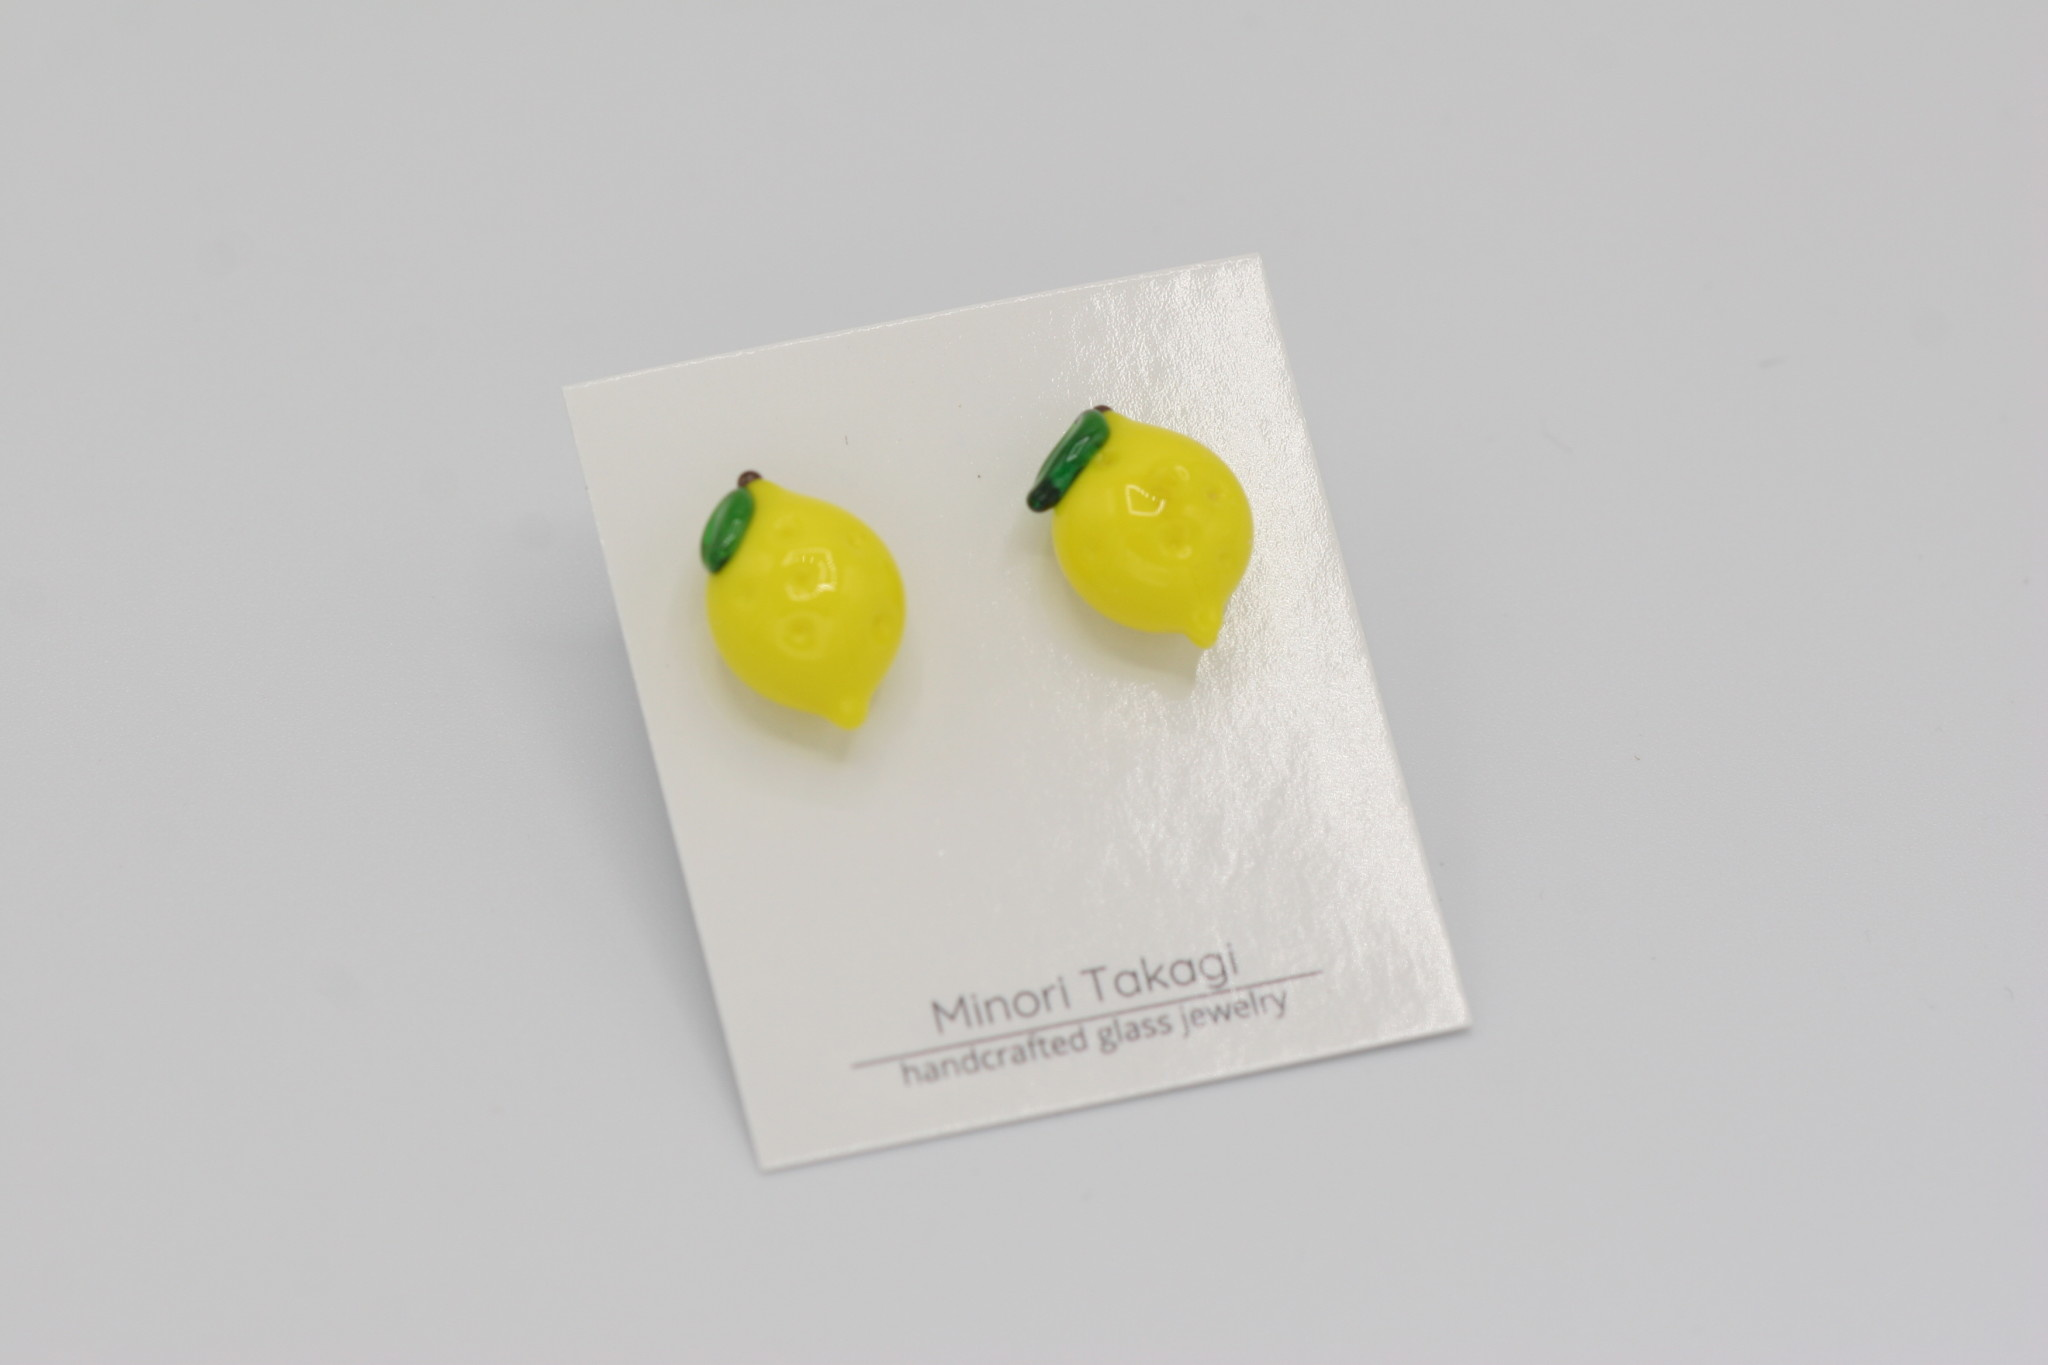 Minori Takagi Earrings - Lemon